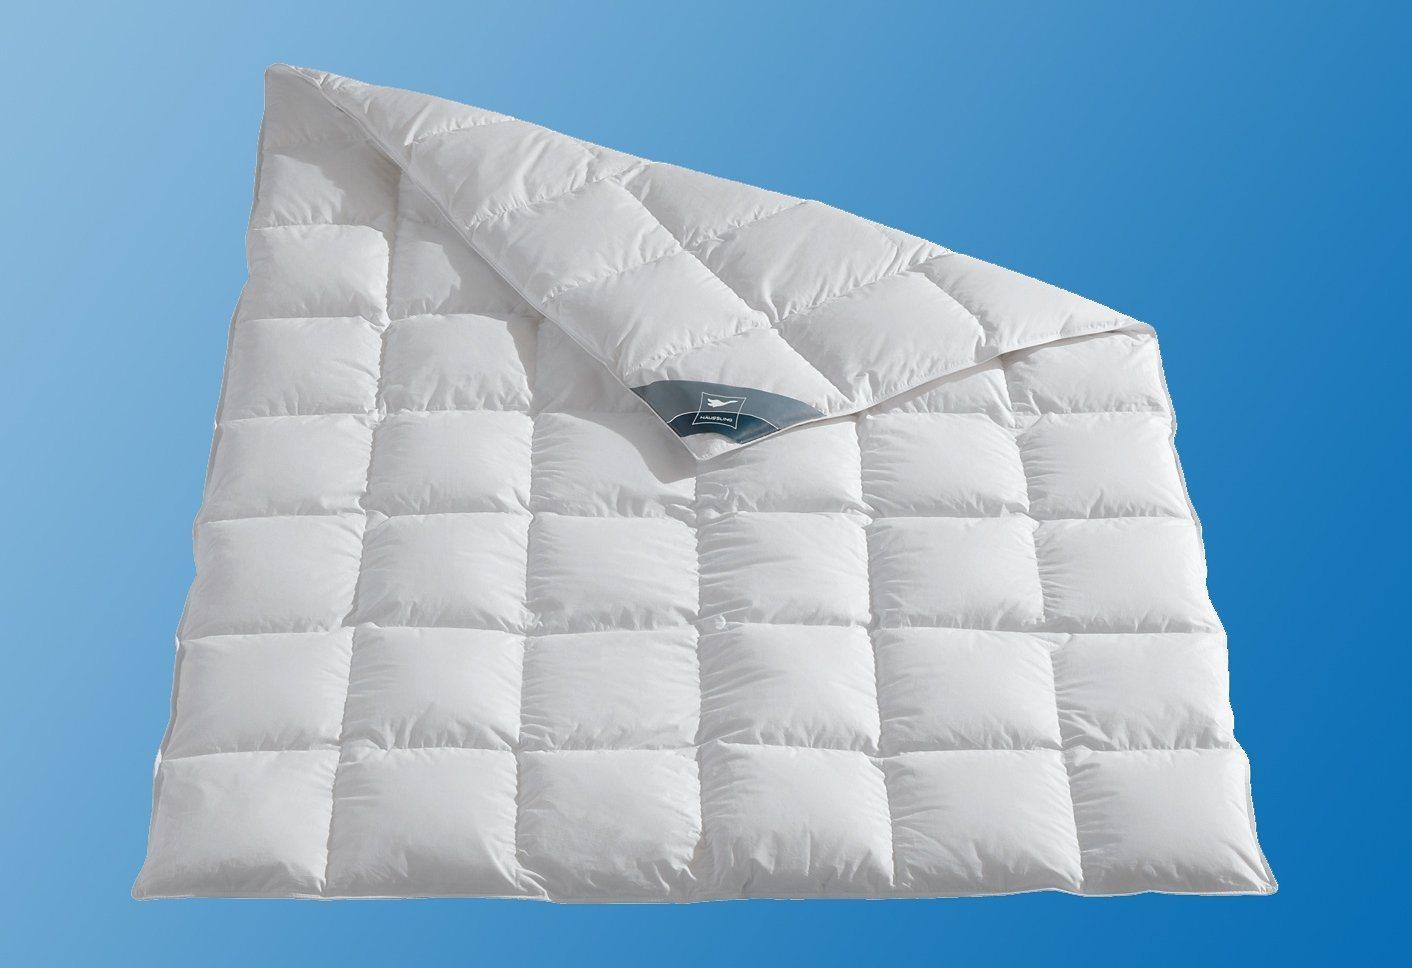 Daunenbettdecke Kuscheltraum Haeussling Normal Fullung 60 Daunen 40 Federn Bezug 100 Baumwolle 1 Tlg